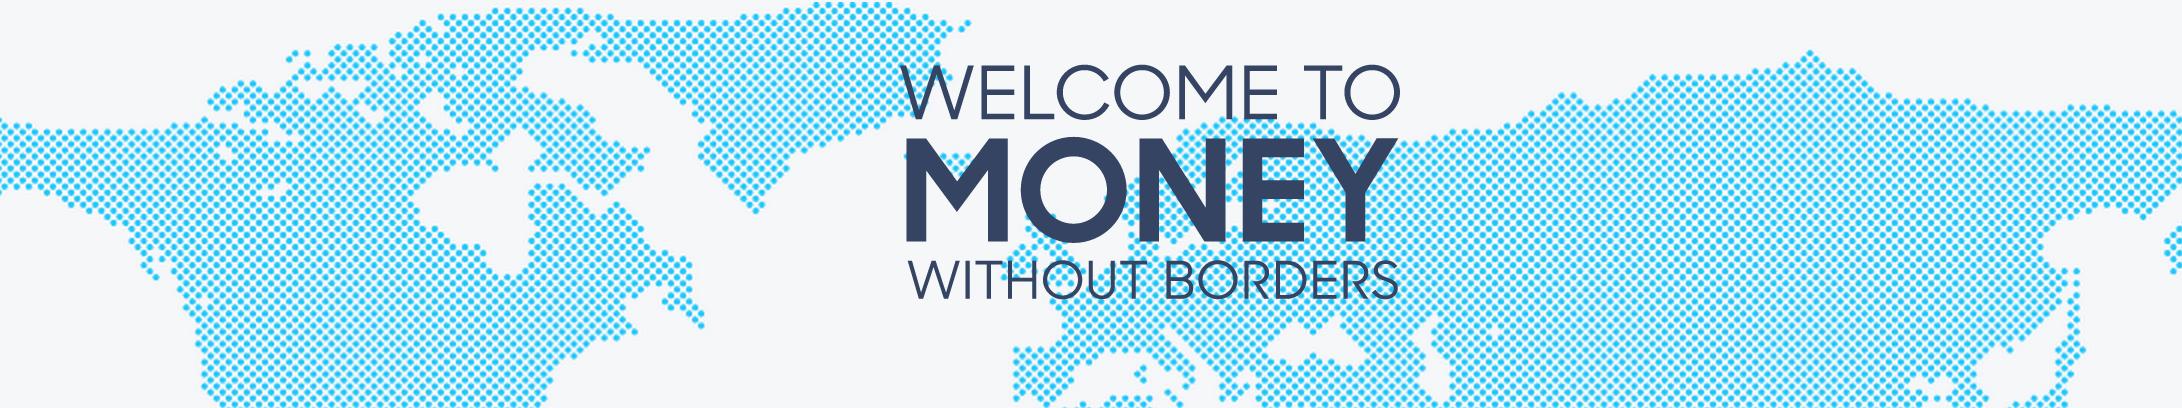 Levný převod peněz přes TransferWise, převod peněz do zahraničí, jak poslat peníze do zahraničí